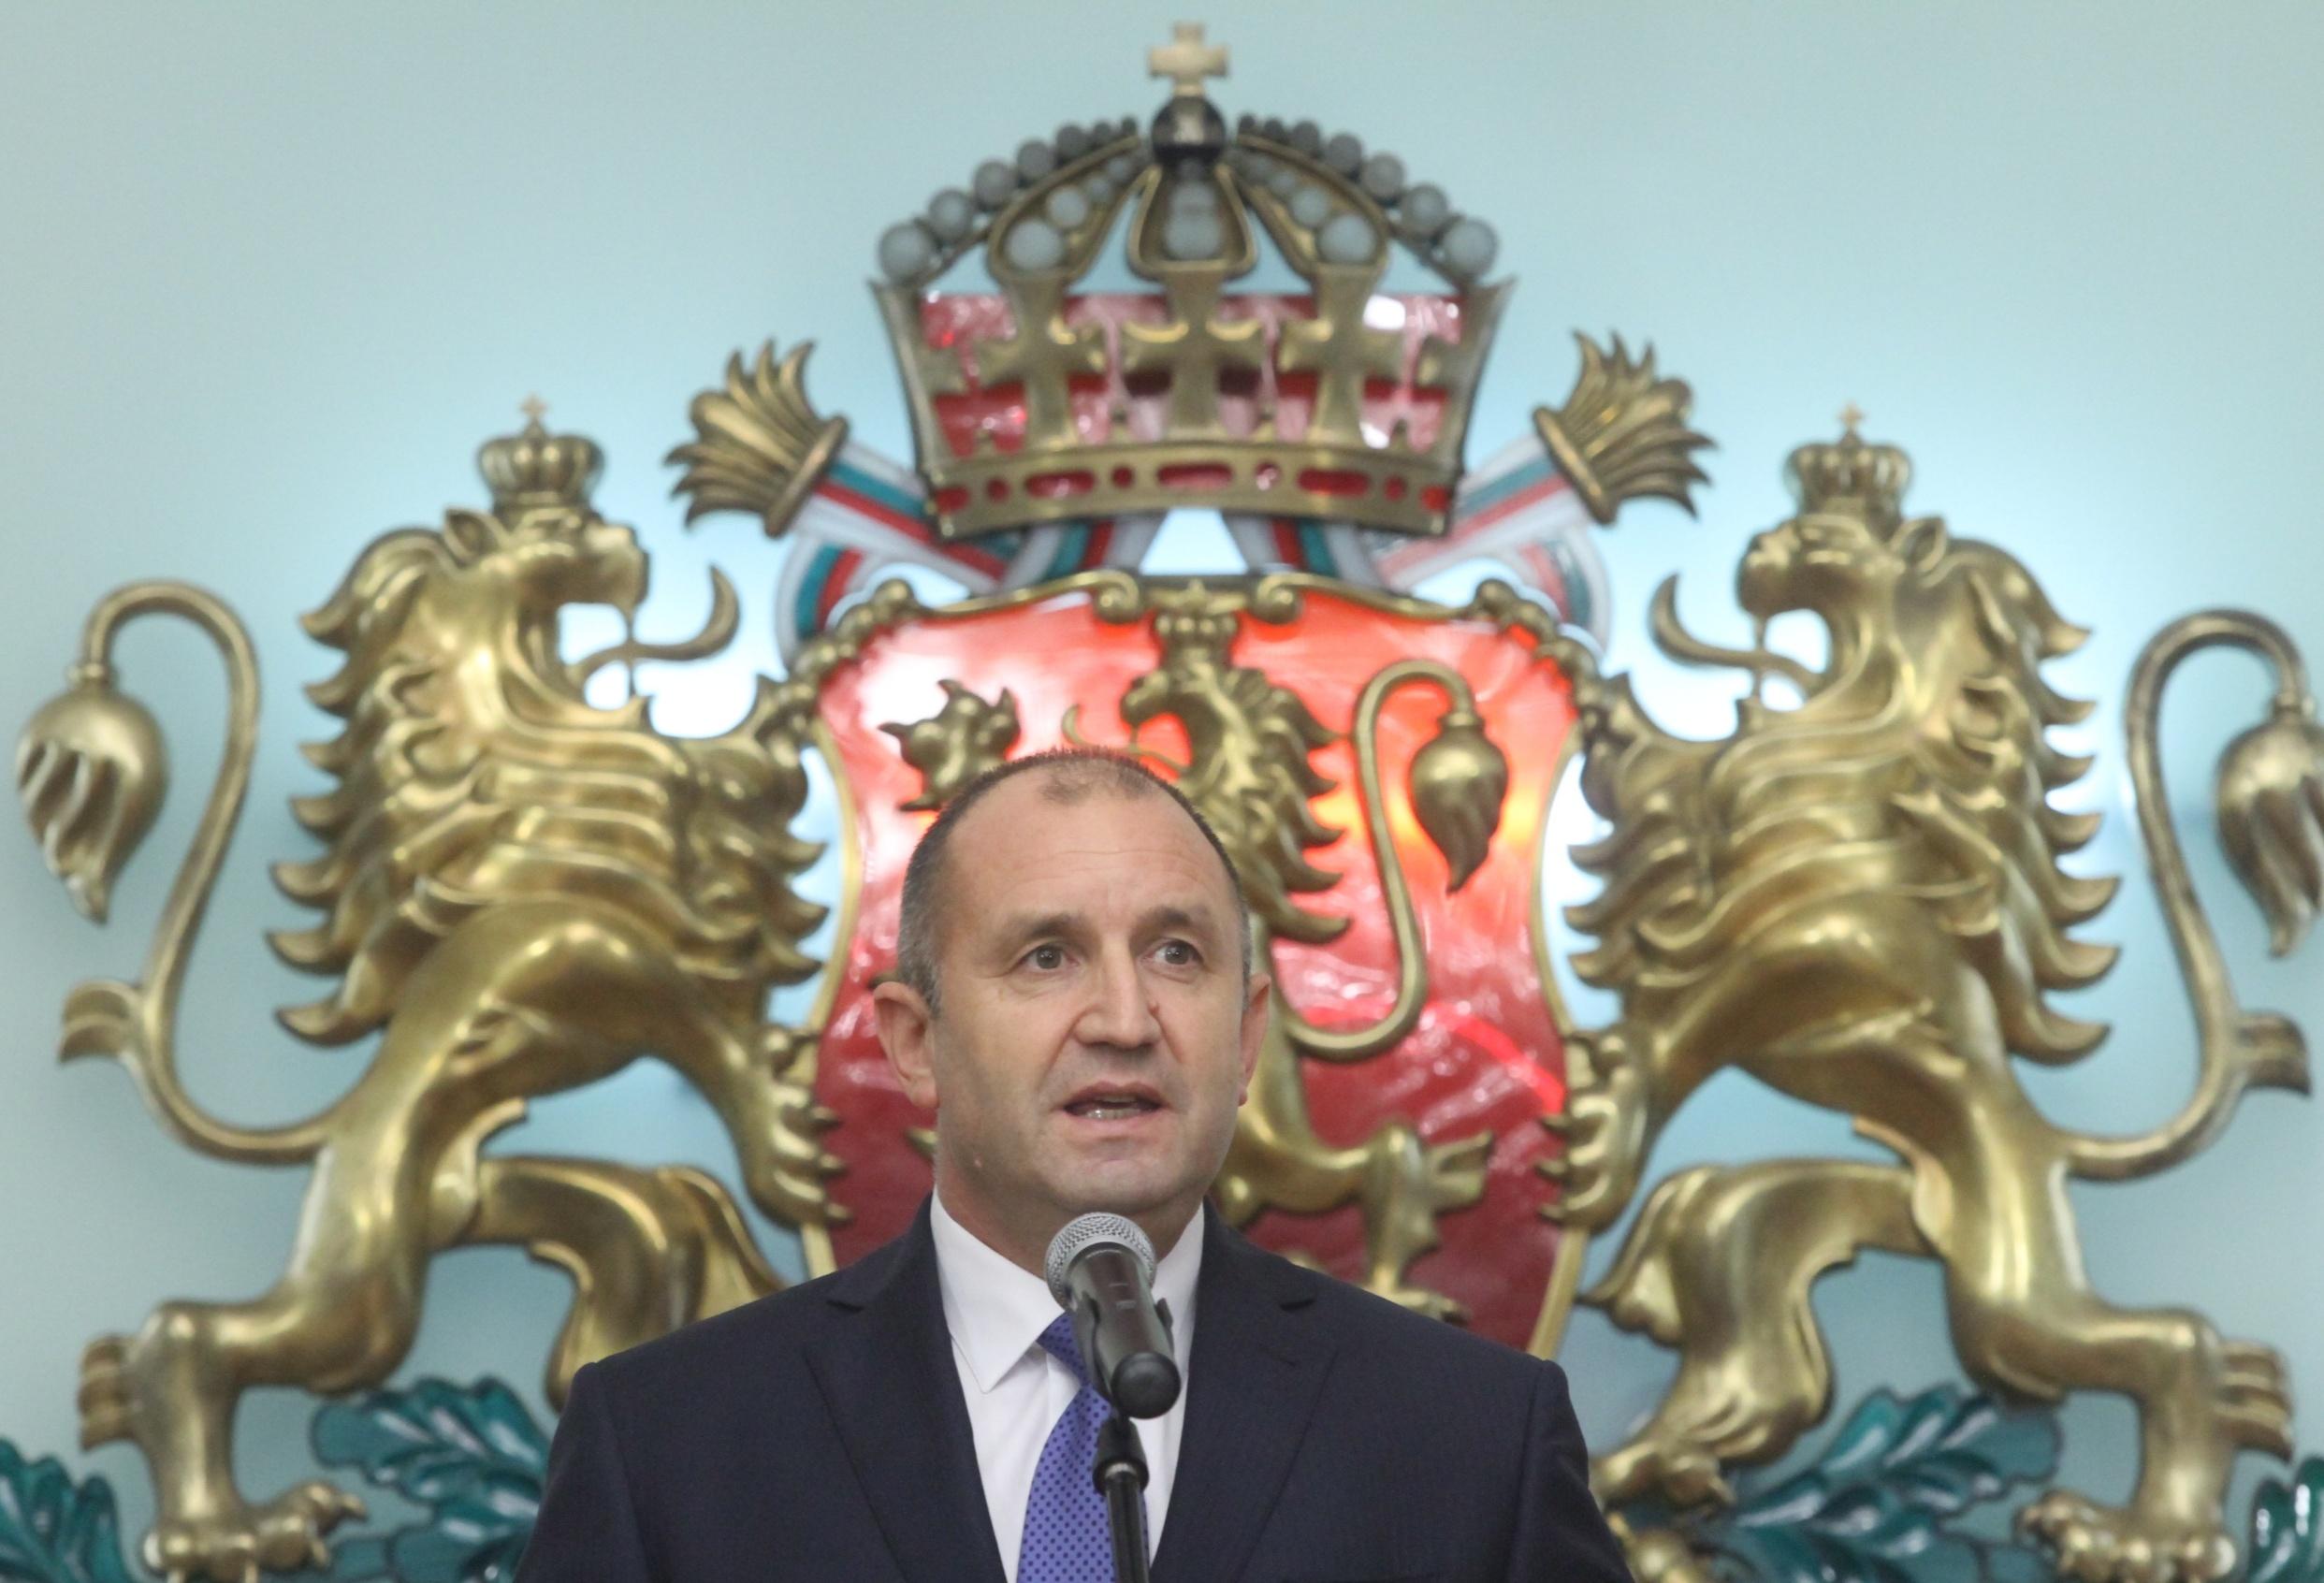 Държавният глава Румен Радев и вицепрезидентът Илияна Йотова ще приветстват